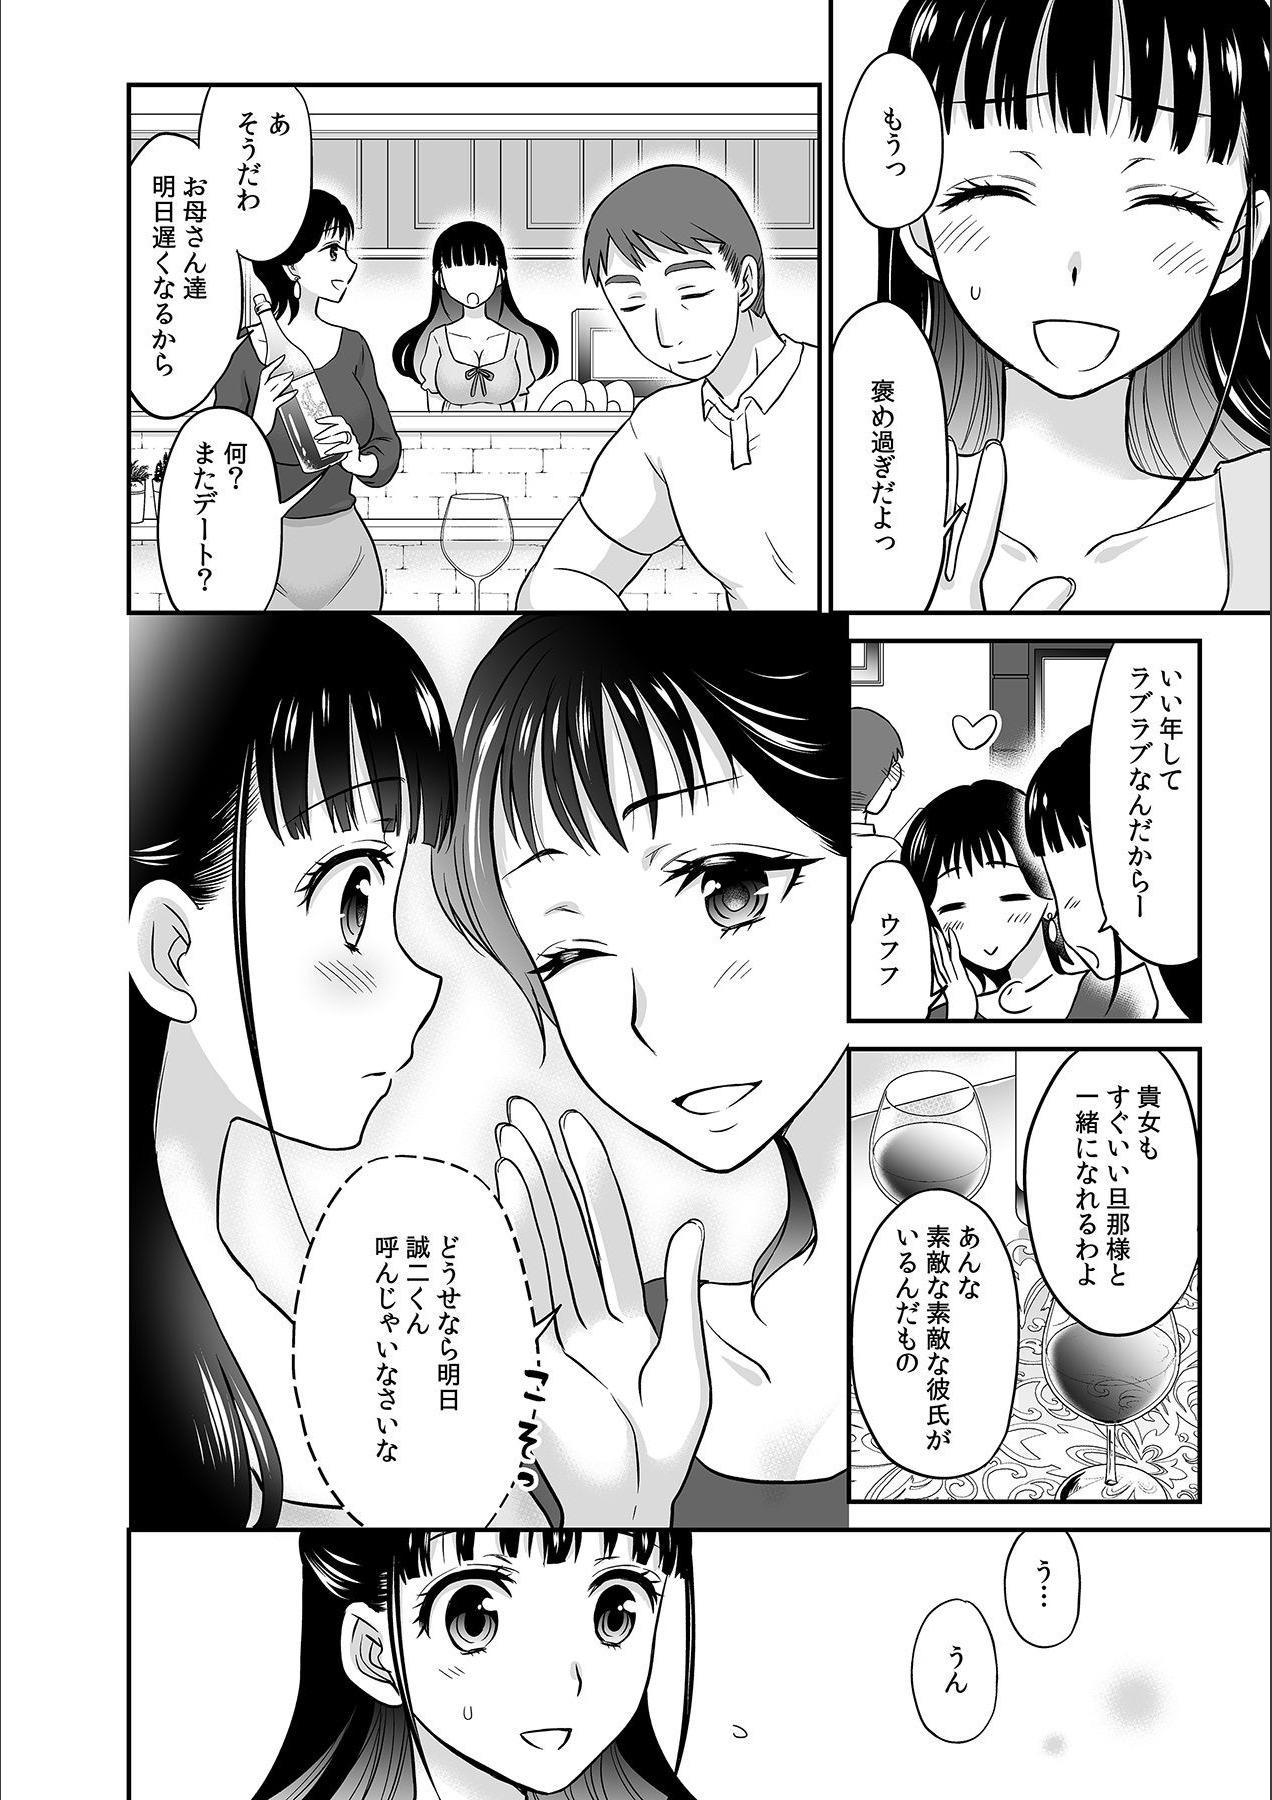 Kare to no Sekkusu ja Ikenai kara… Atashi no Koko ni Irete Hoshii no… Ch.3 7